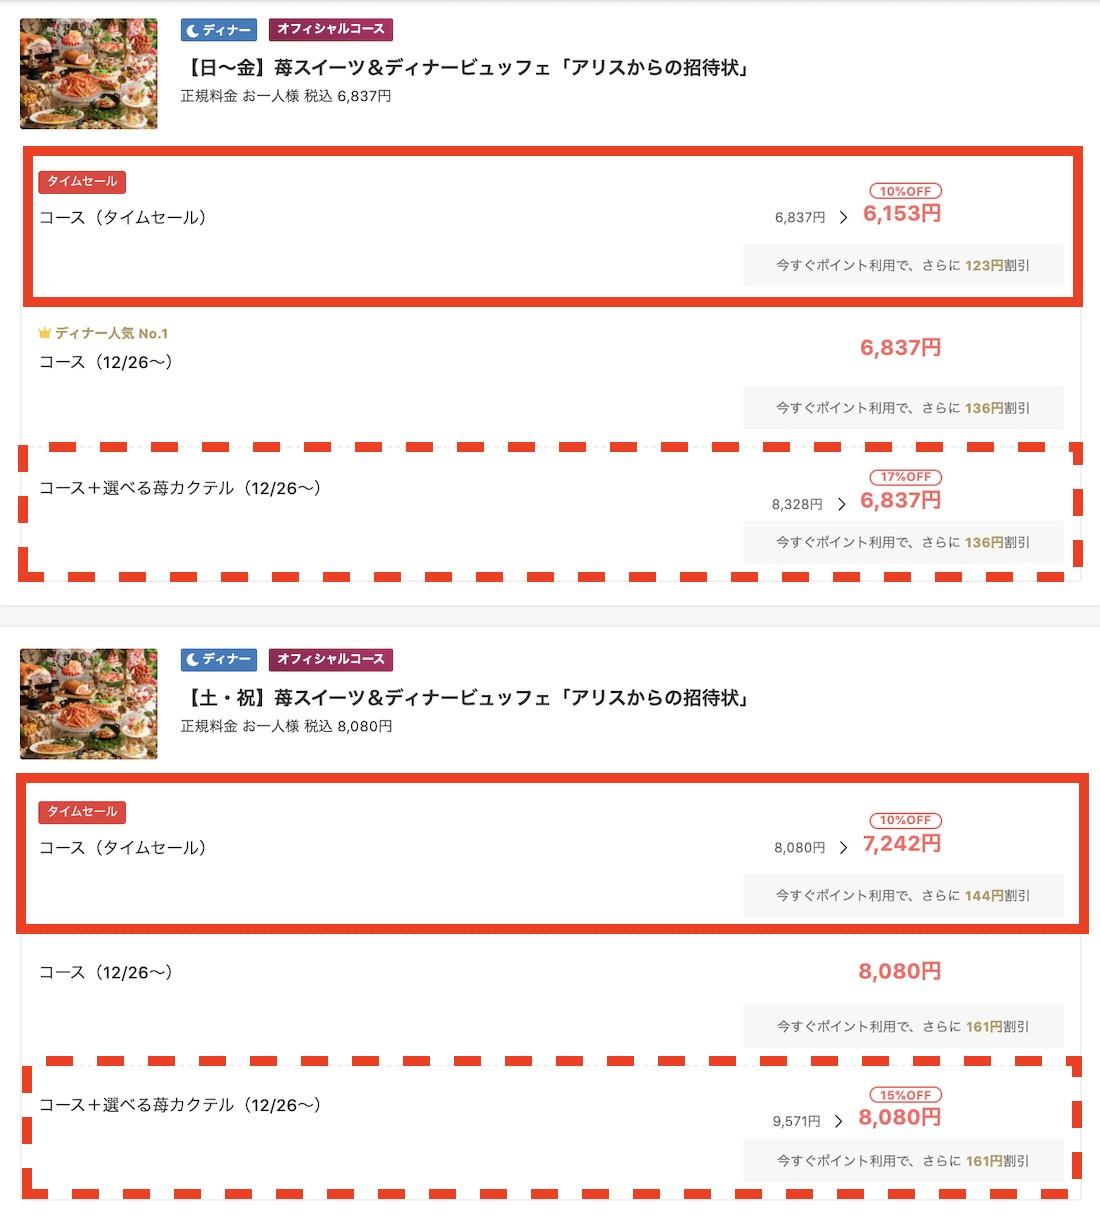 ヒルトン東京「マーブルラウンジ」スイーツ&ディナービュッフェ|料金プラン